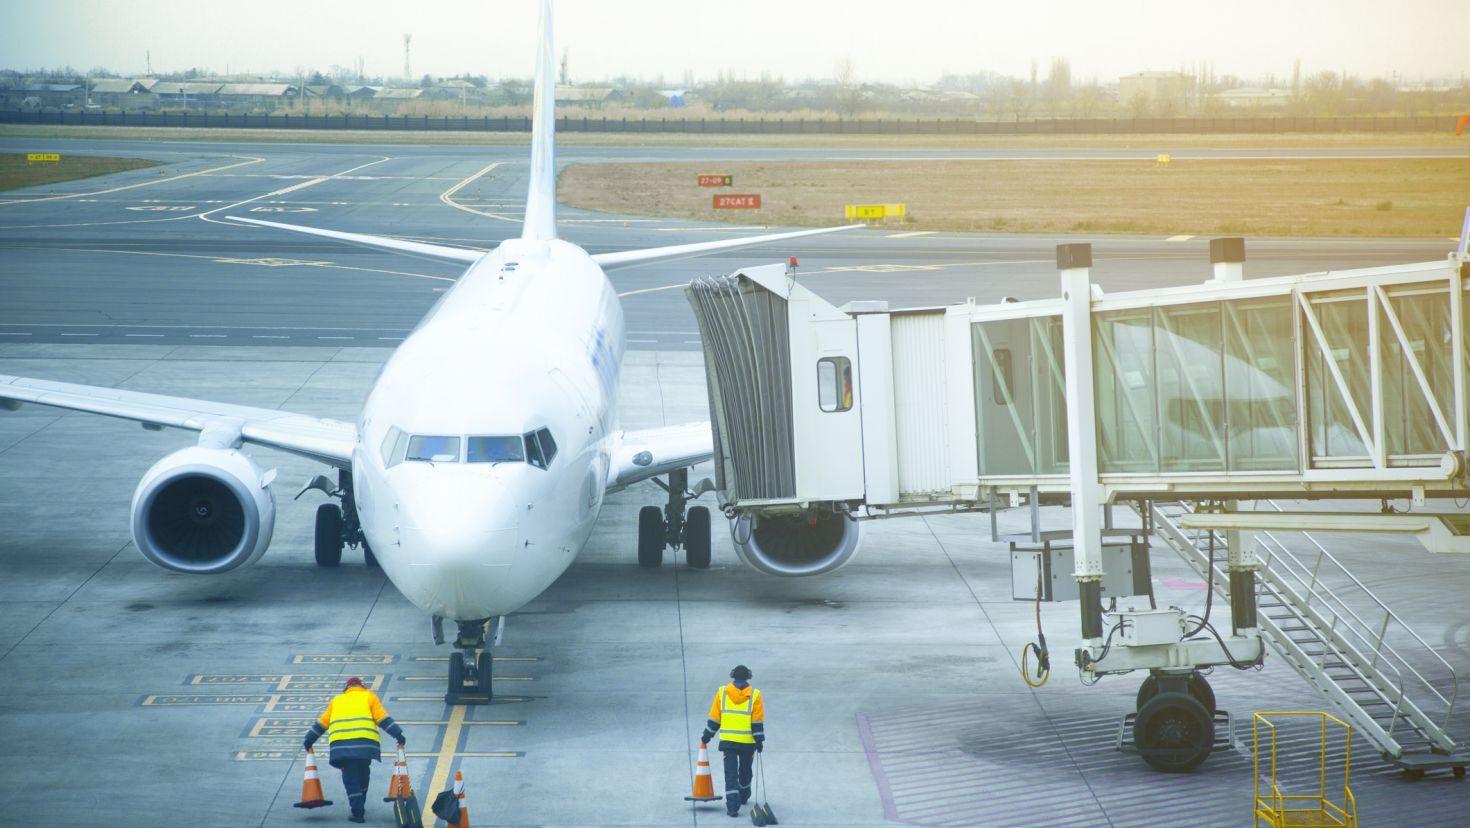 6 tuyệt chiêu giúp bạn tiết kiệm phí hành lí khi đi máy bay ở Mỹ - Ảnh 1.